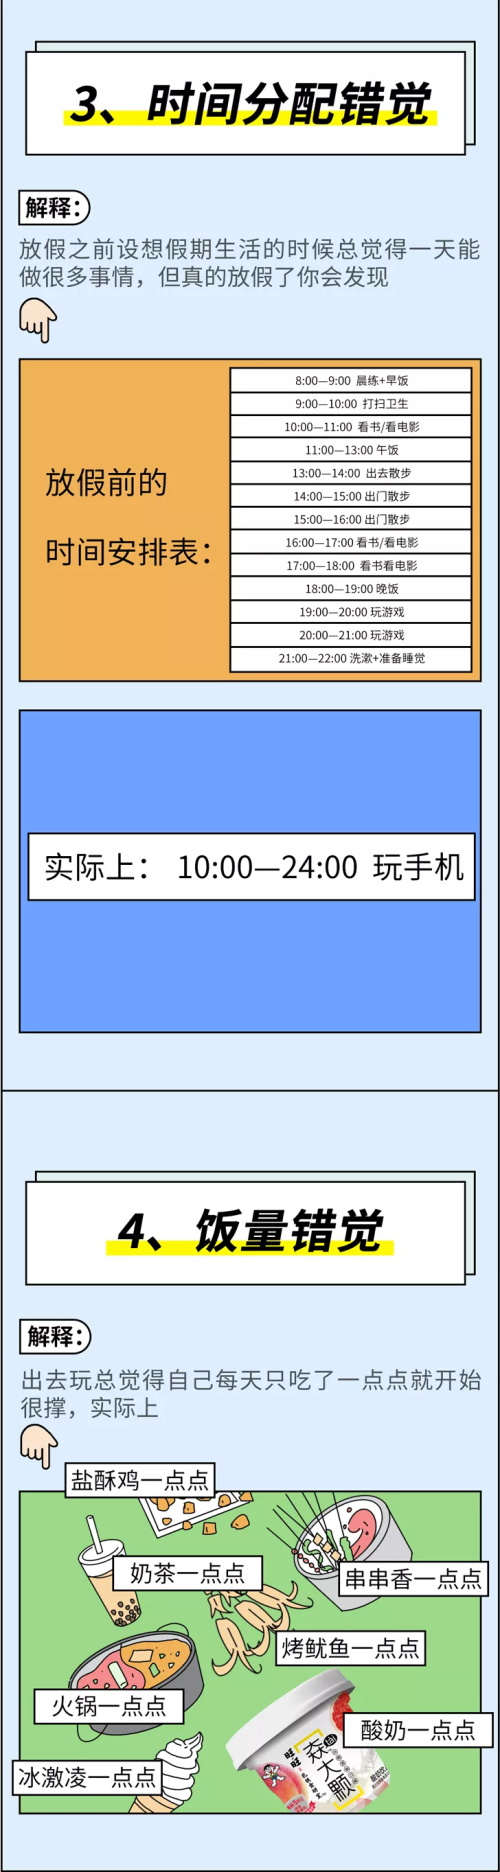 3(1).jpg